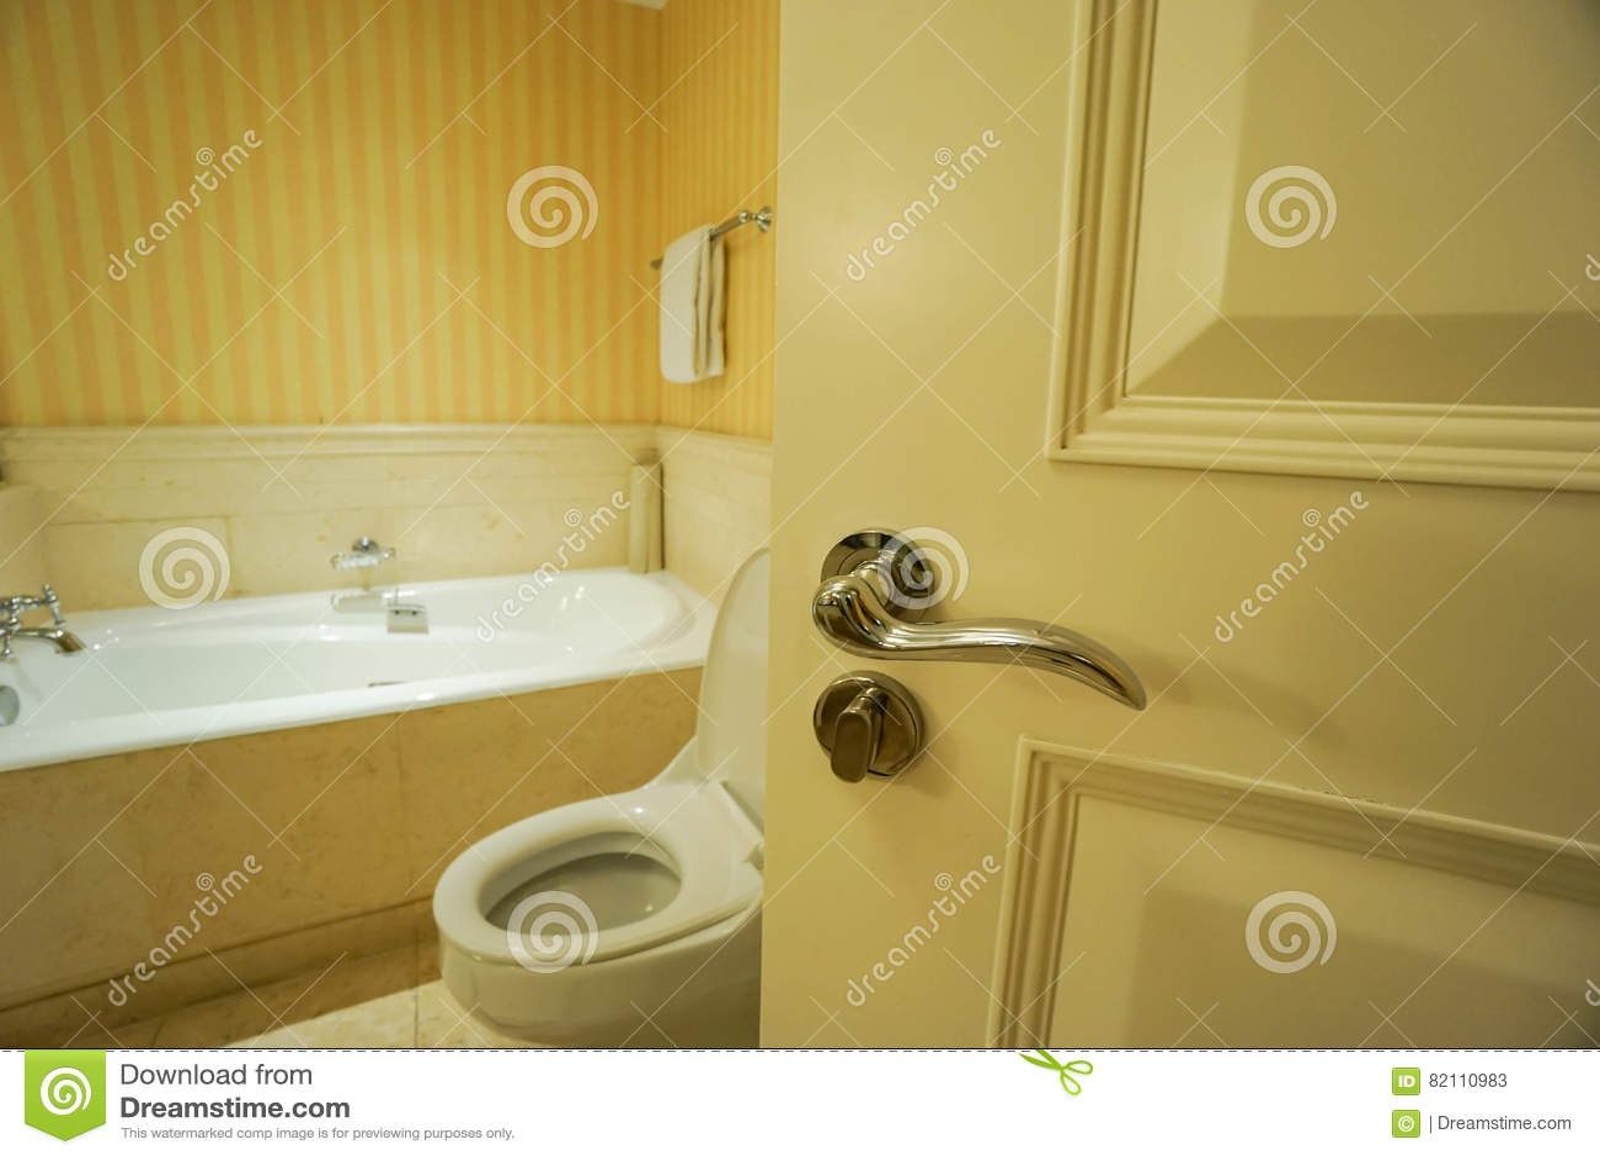 Abra la puerta del cuarto de baño